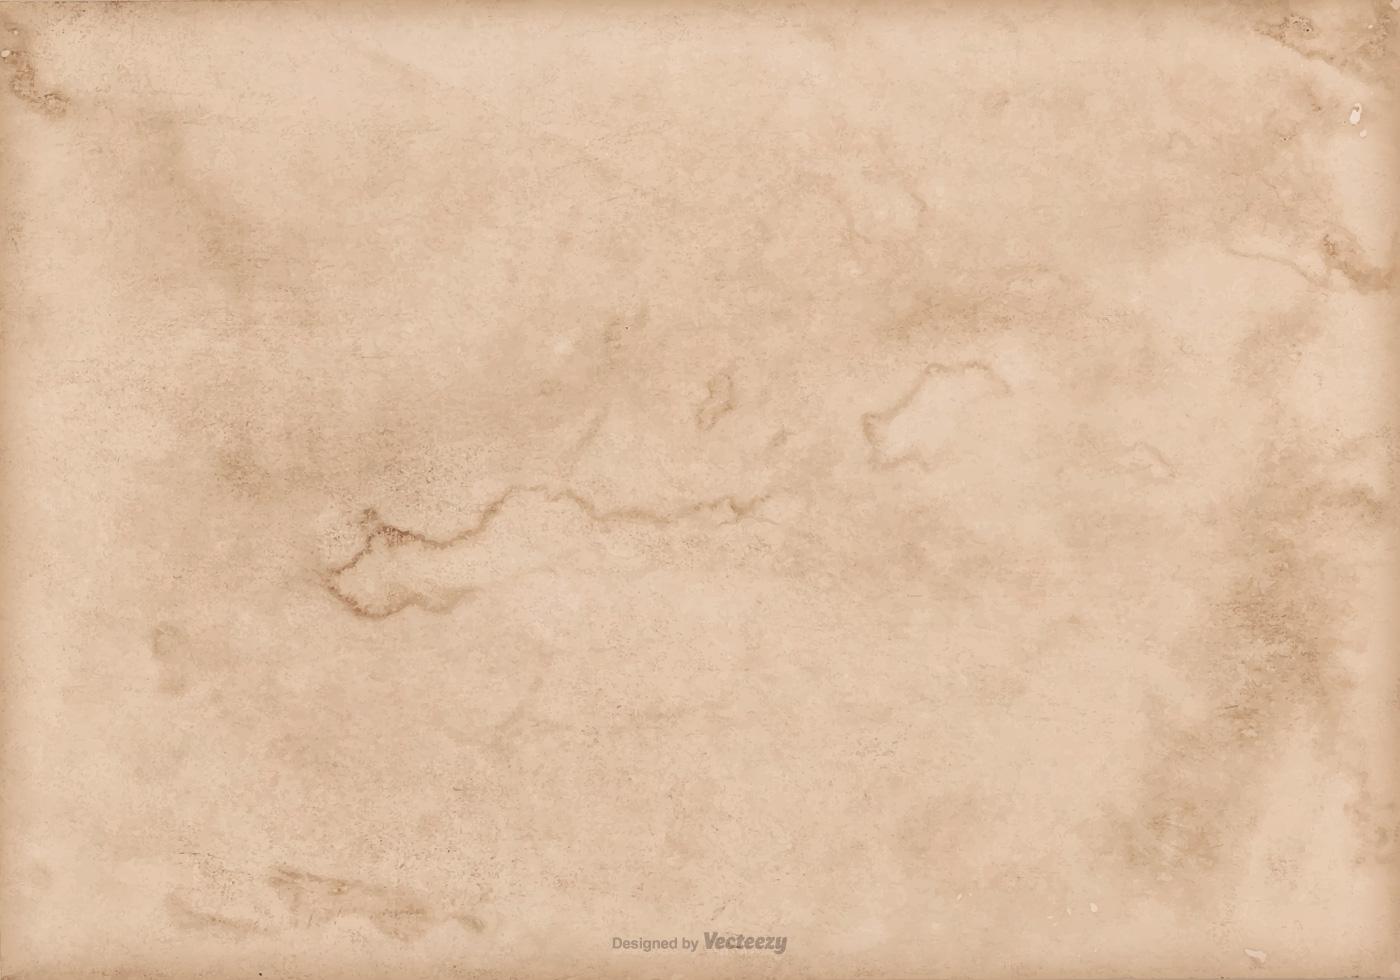 vector grunge texture download free vector art stock